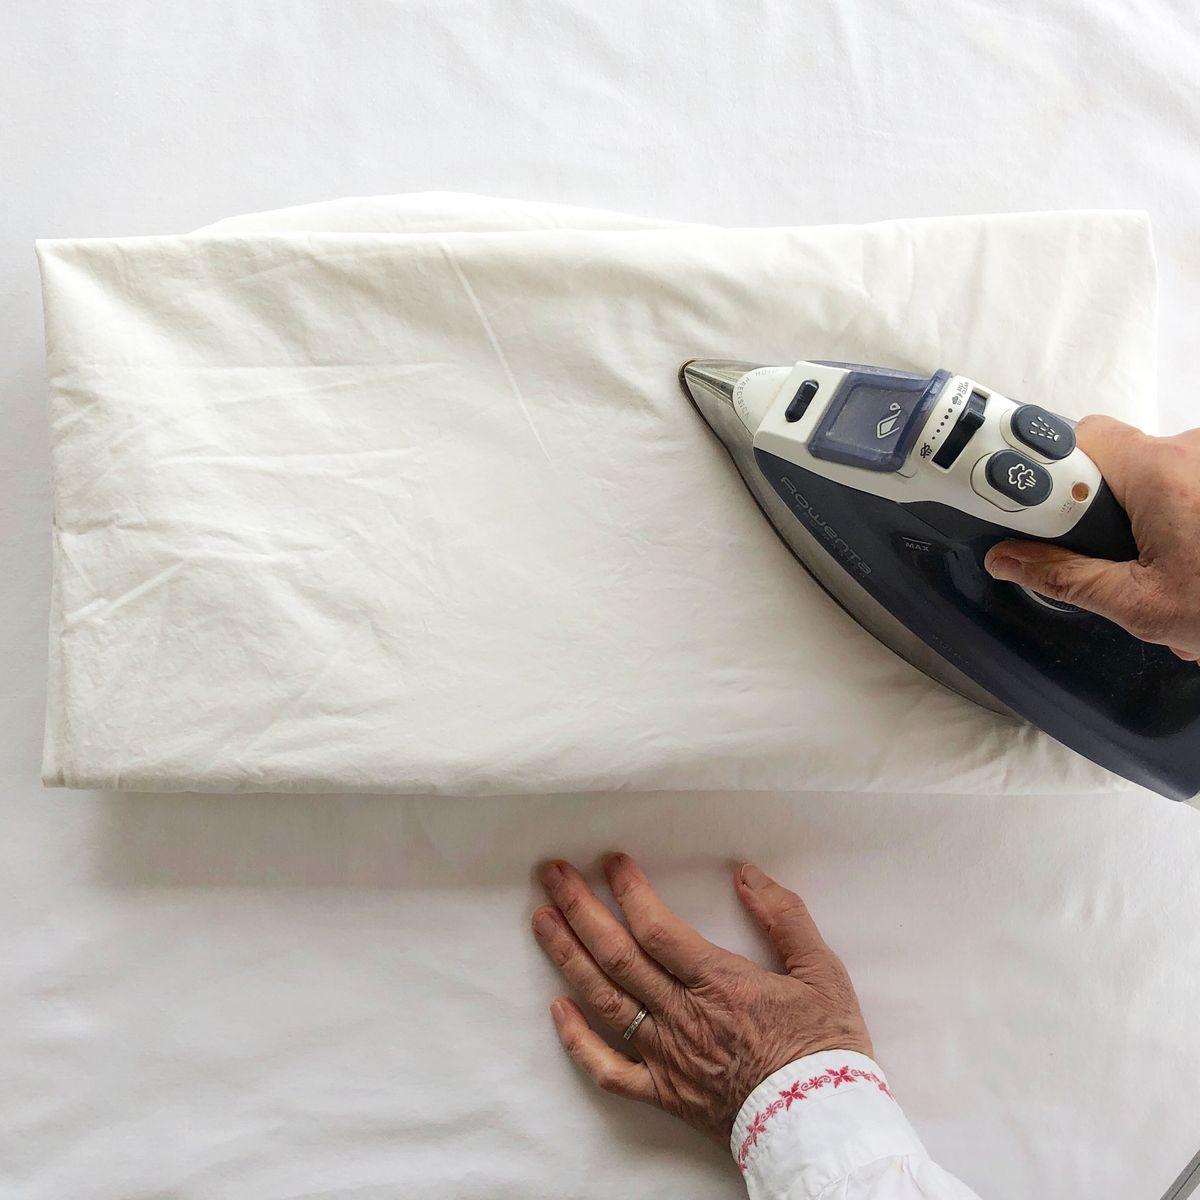 How to Iron a Sheet, According to Maira Kalman | The Strategist